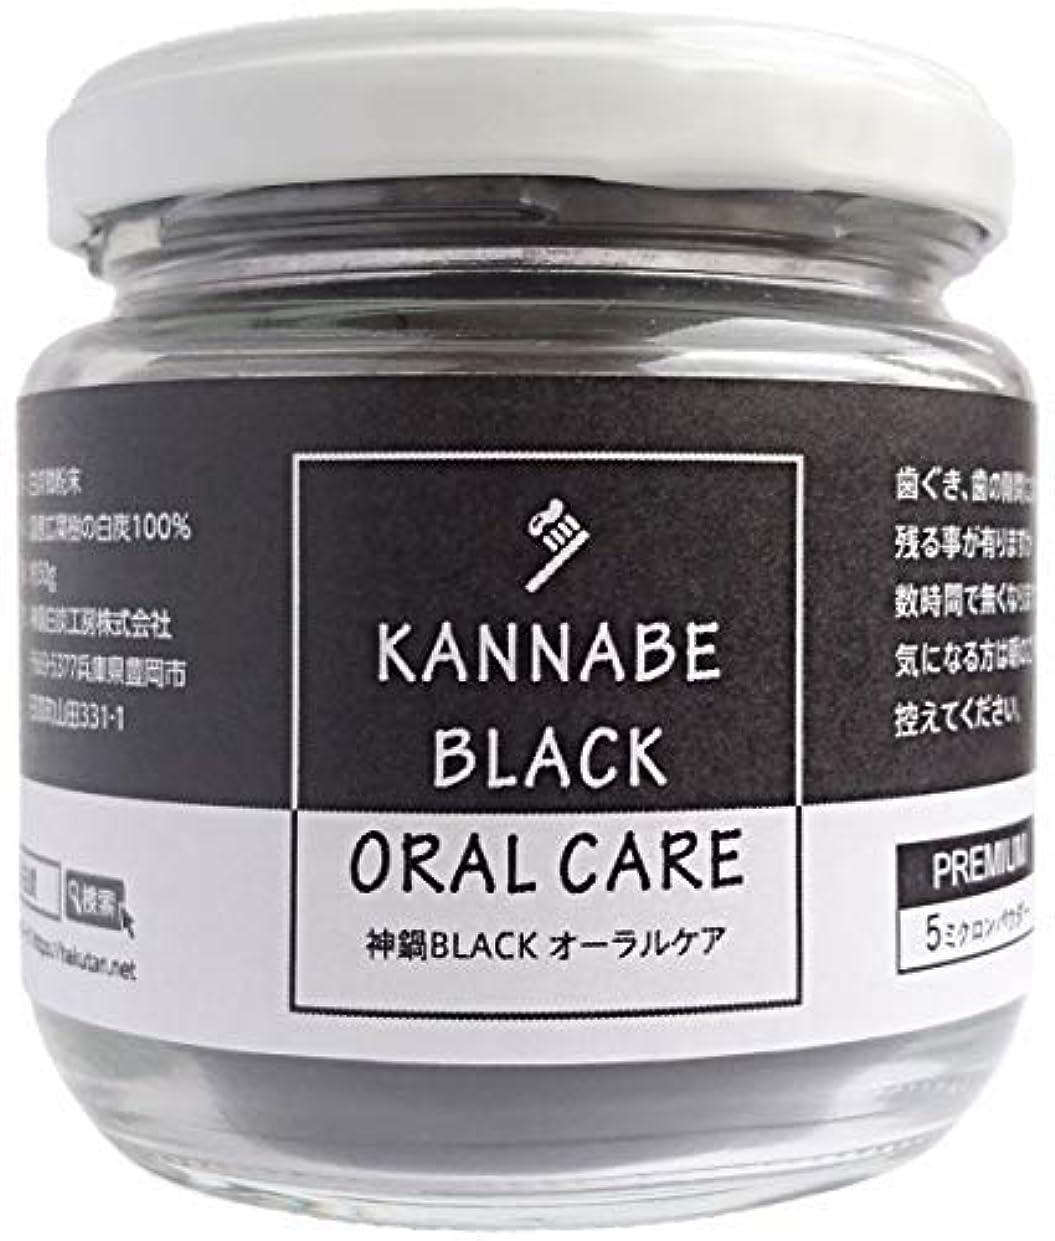 排泄する世代お手入れホワイトニング オーラルケア 歯磨き 口臭 炭パウダー チャコール 5ミクロン 神鍋BLACK 独自白炭製法 50g